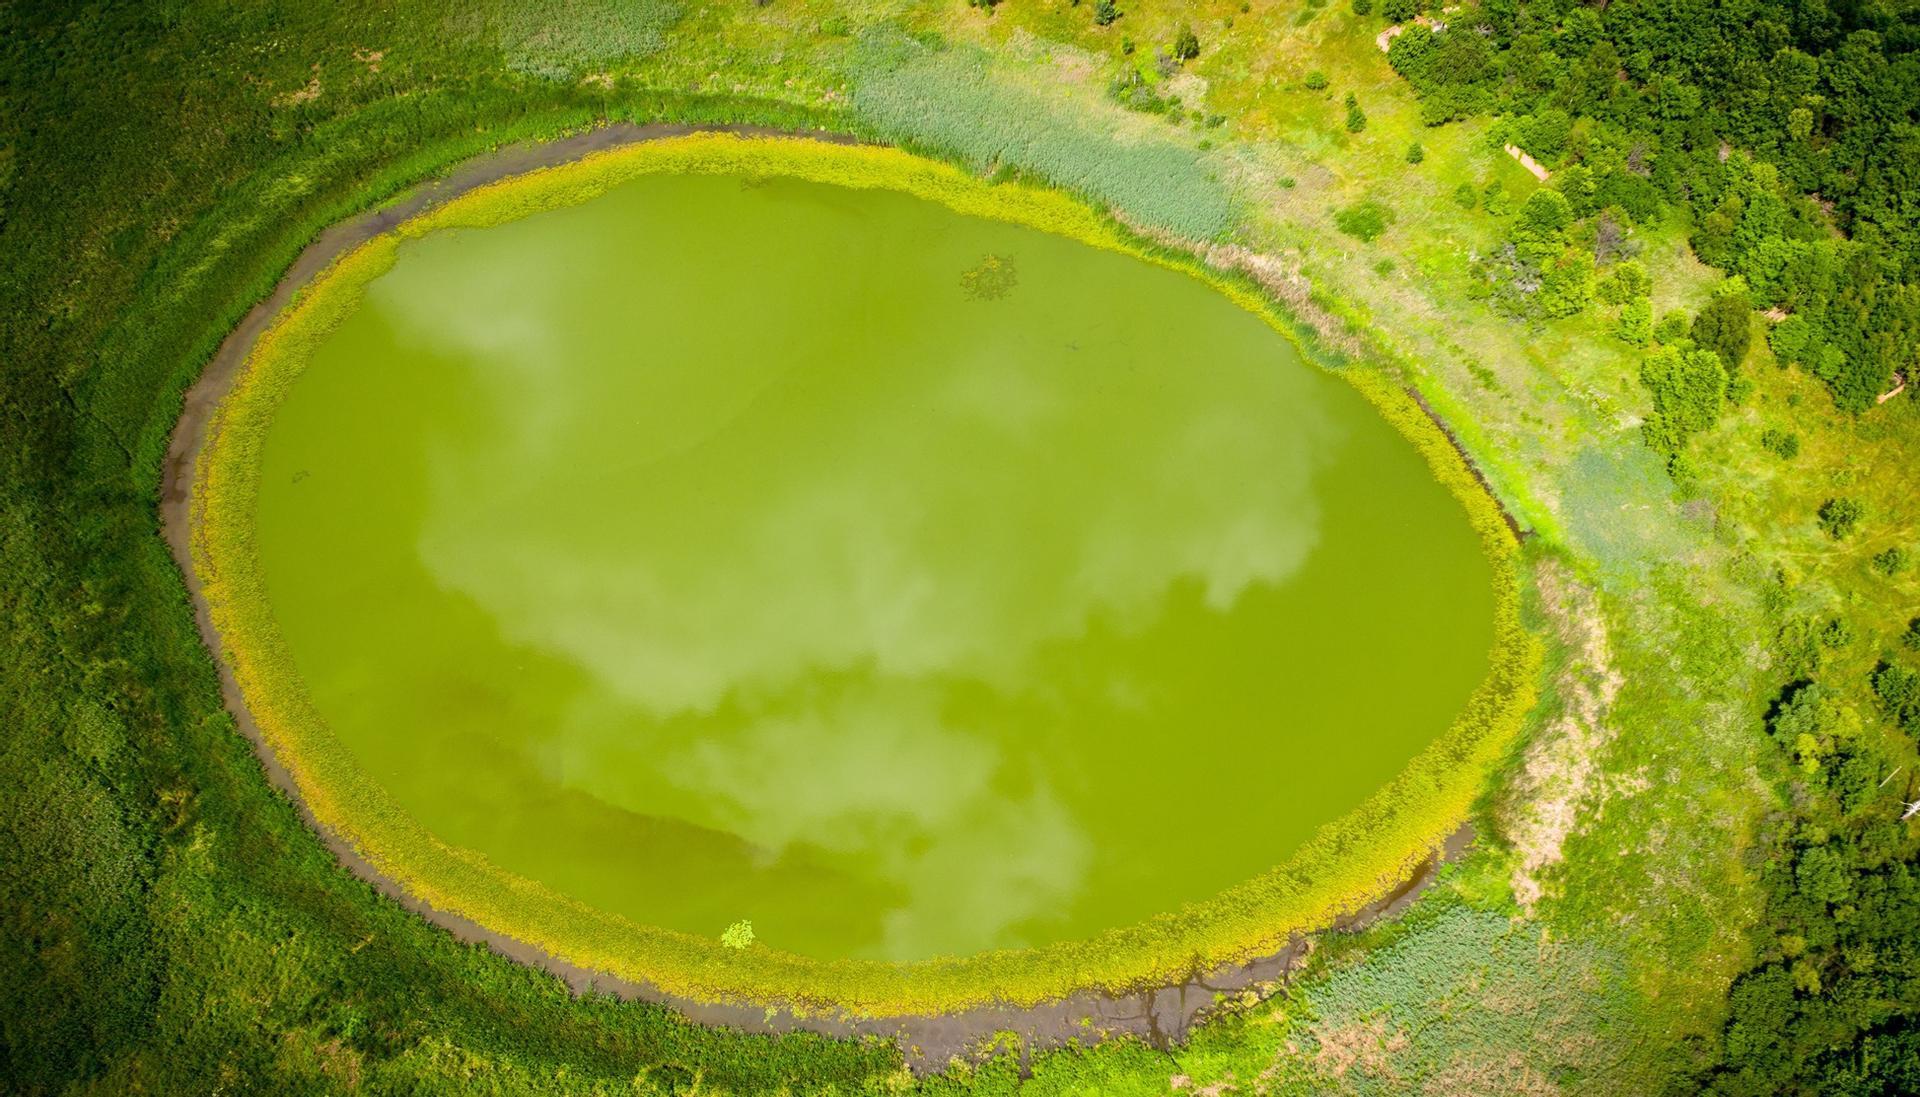 Під час обльоту заповідної території Чорнобиля знайшли невідоме раніше озеро